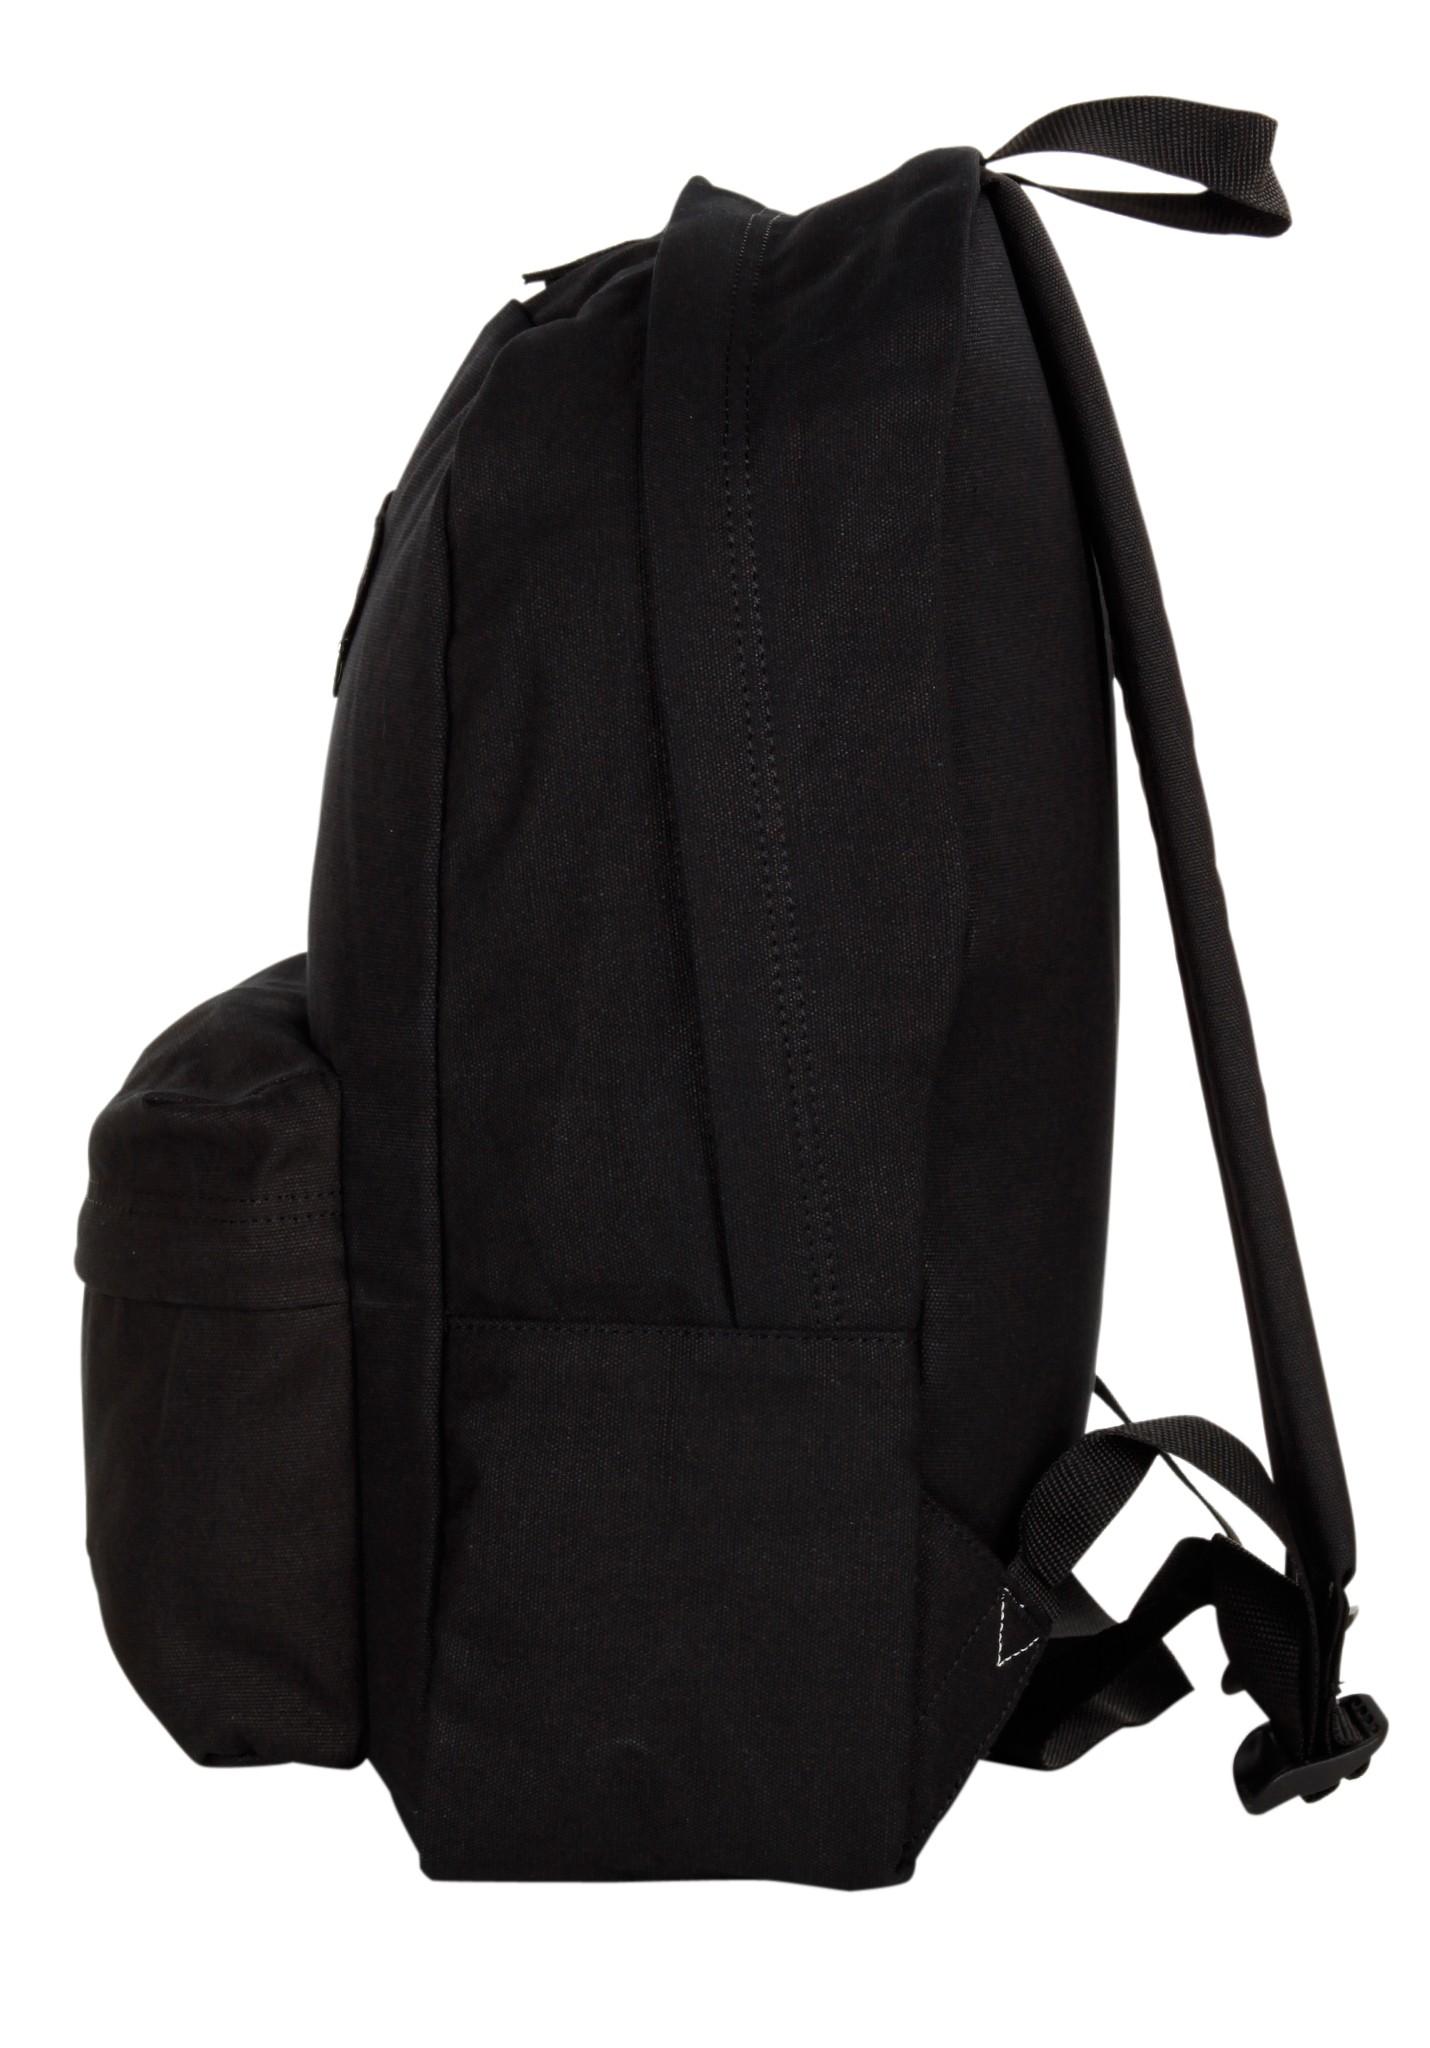 neu vans realm damen rucksack ebay. Black Bedroom Furniture Sets. Home Design Ideas